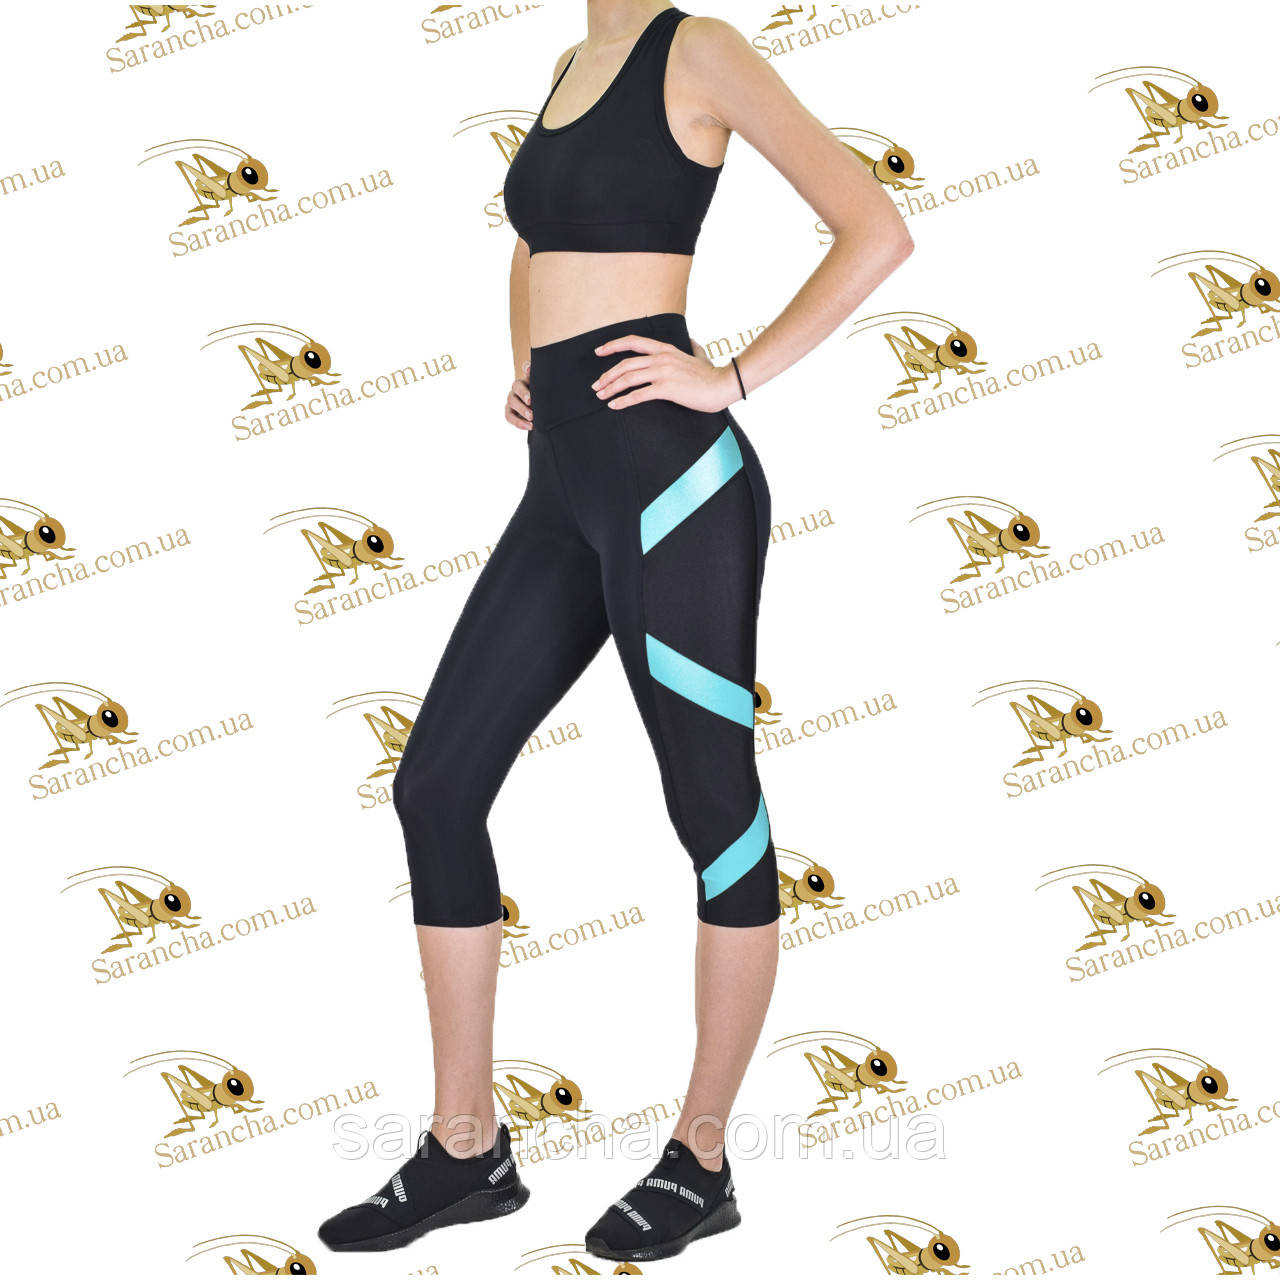 Жіночий спортивний комплект з бірюзовими вставками з еластану